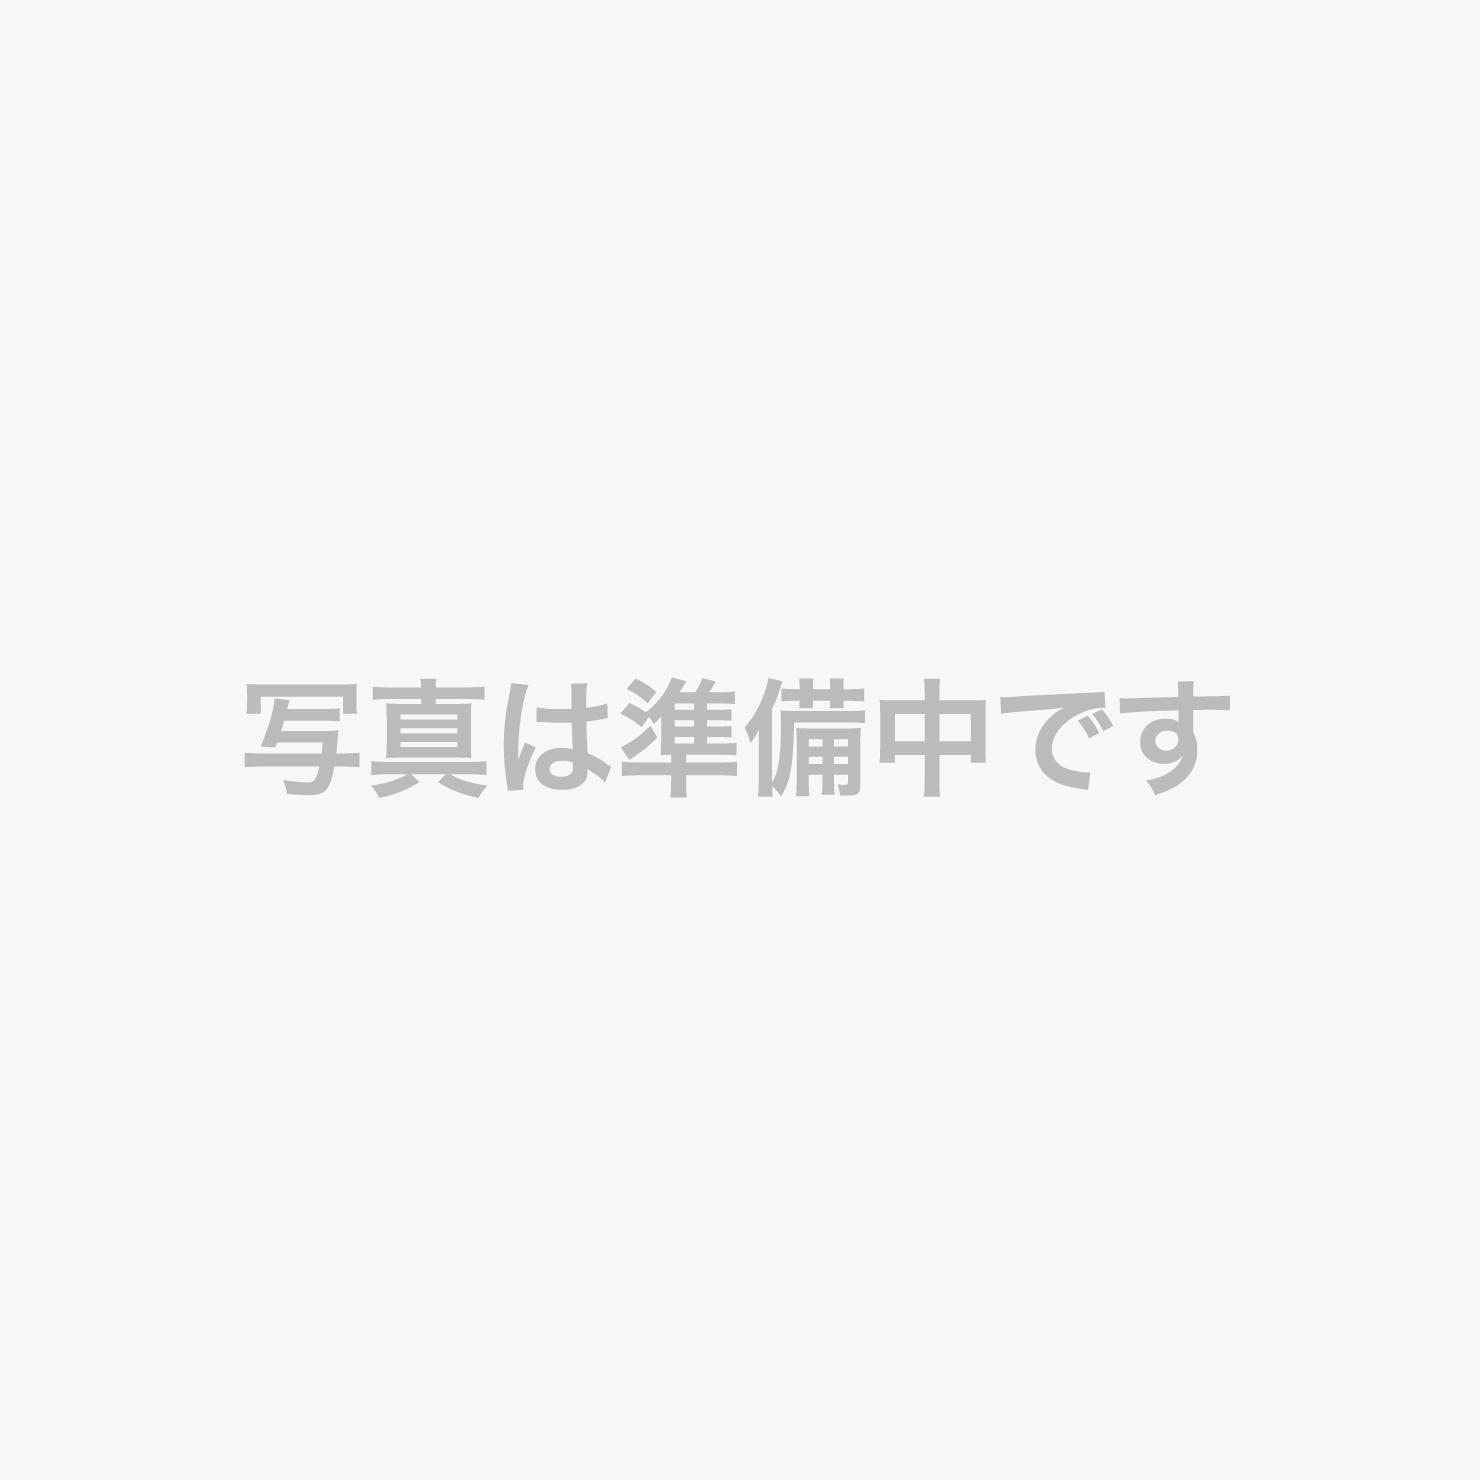 ファミリールーム【32平米】4名様仕様